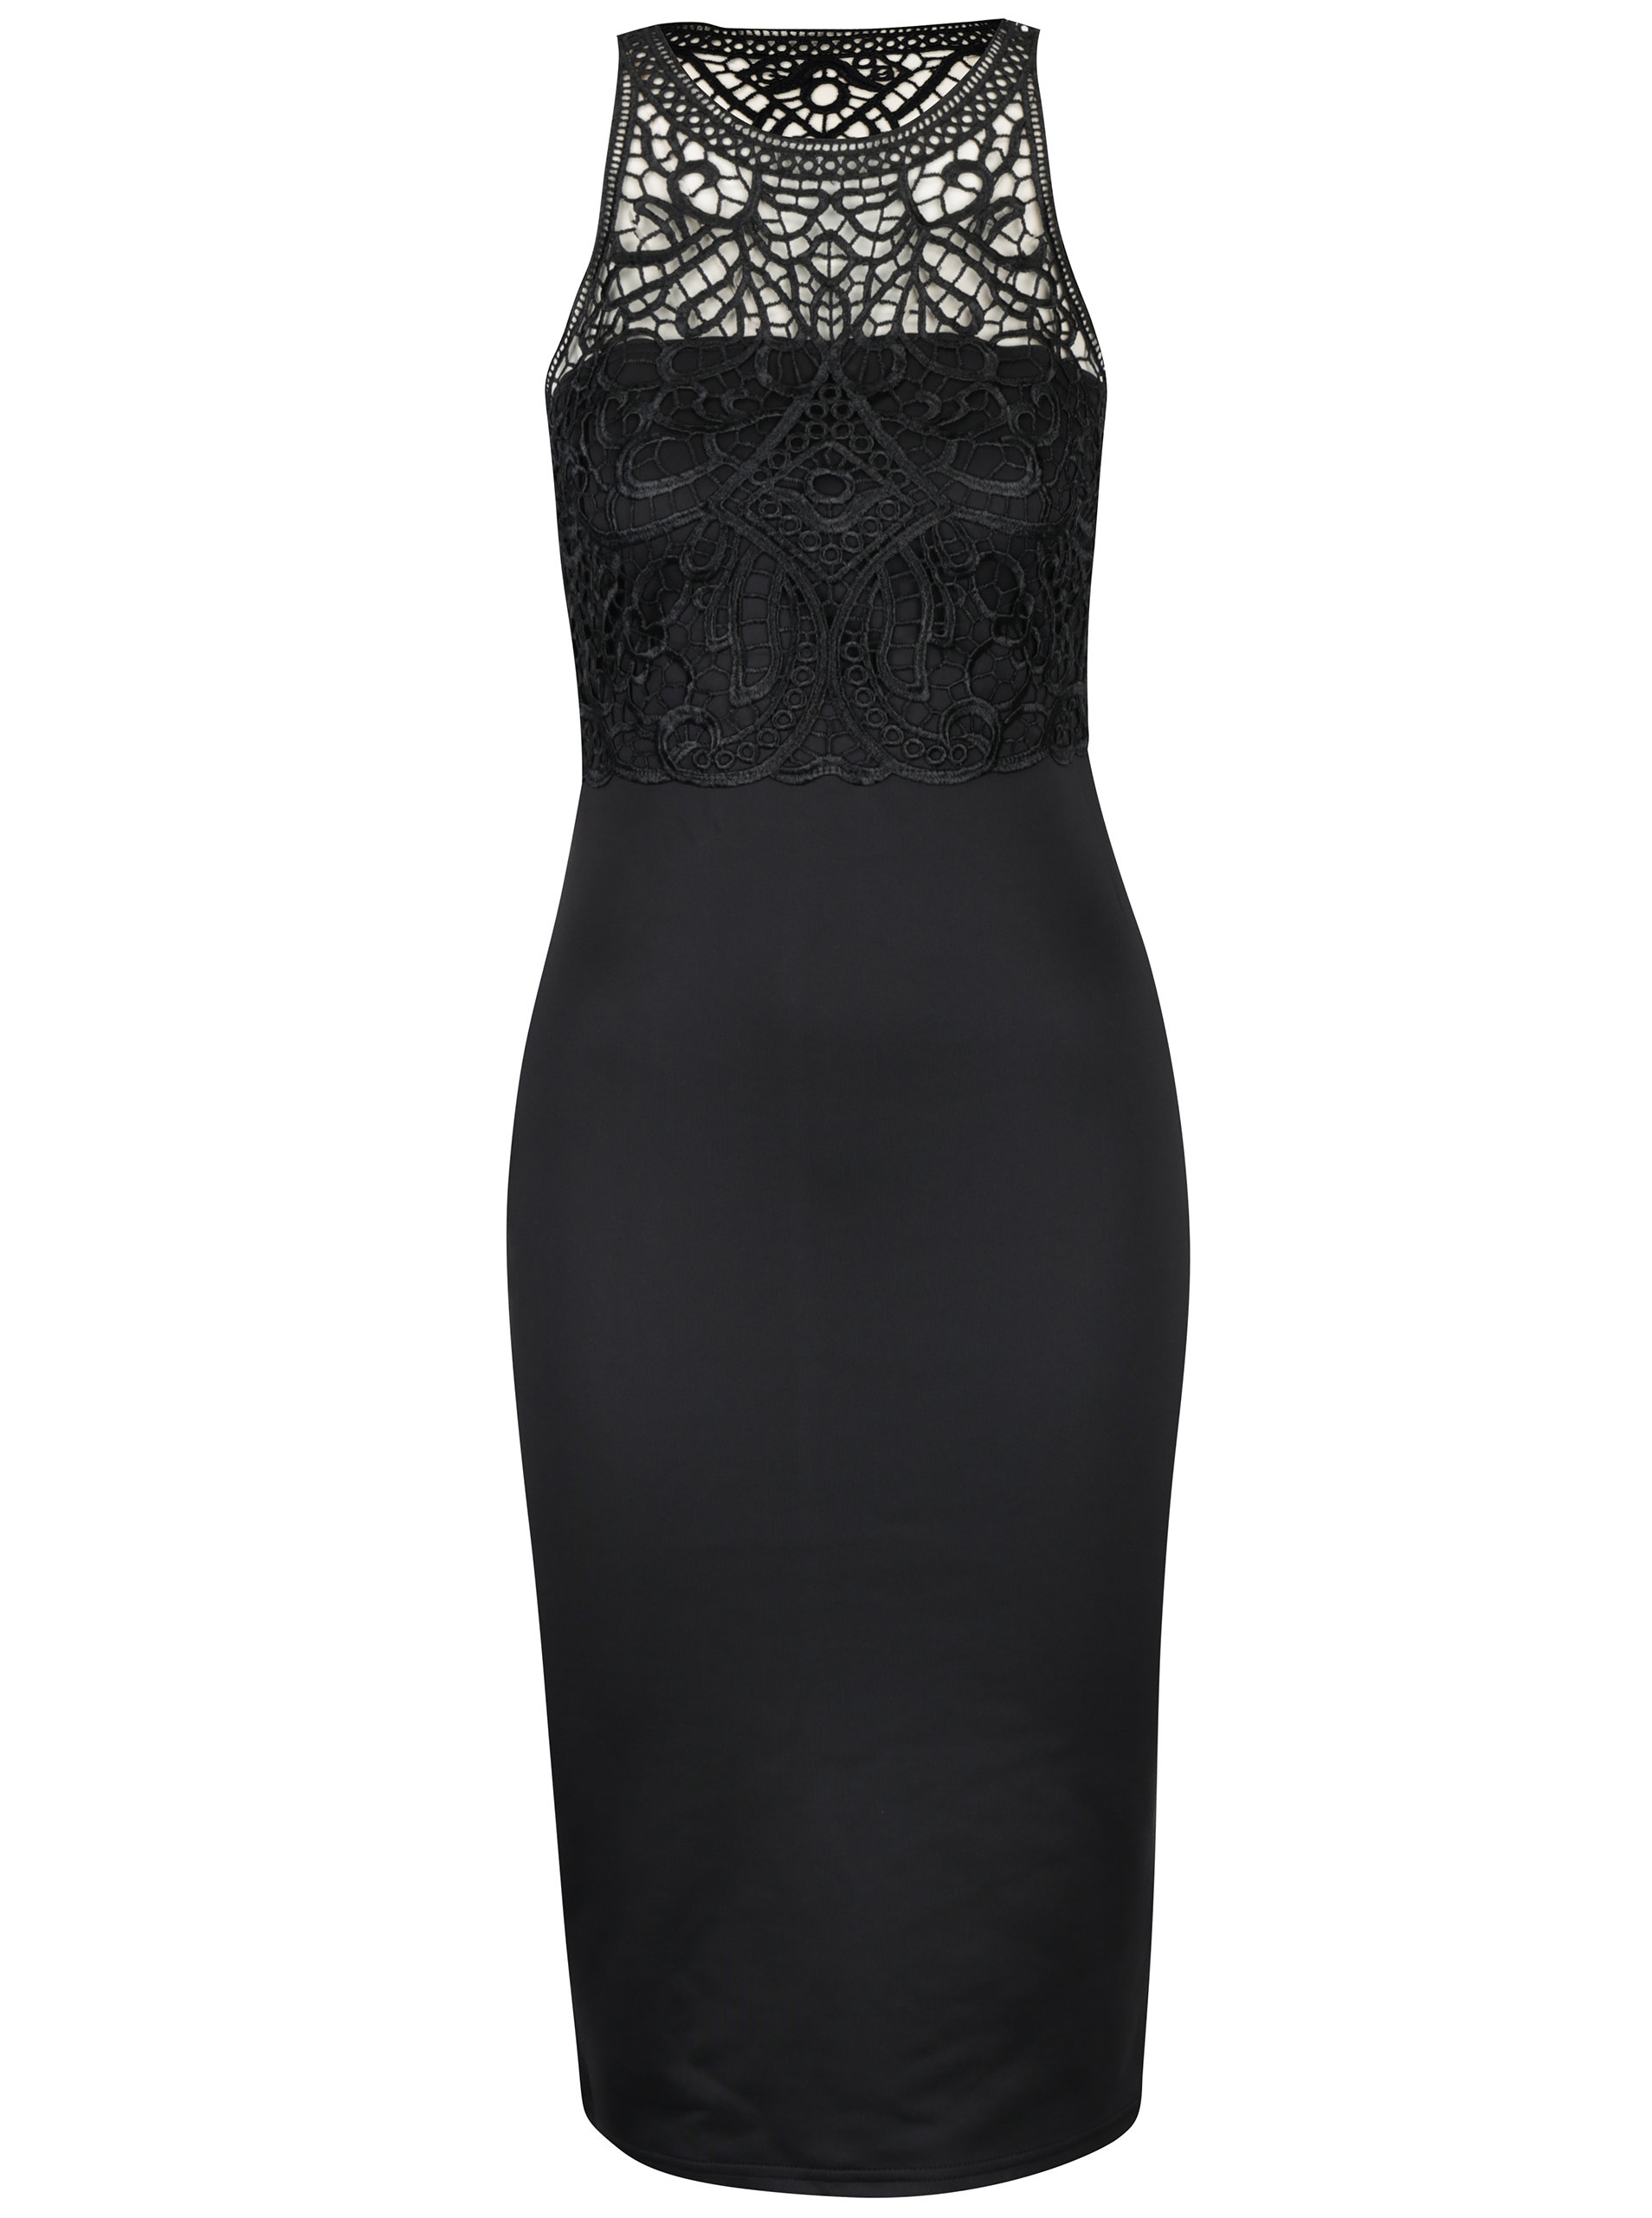 Čierne puzdrové šaty s čipkovým topom AX Paris ... 55fc4246bbf